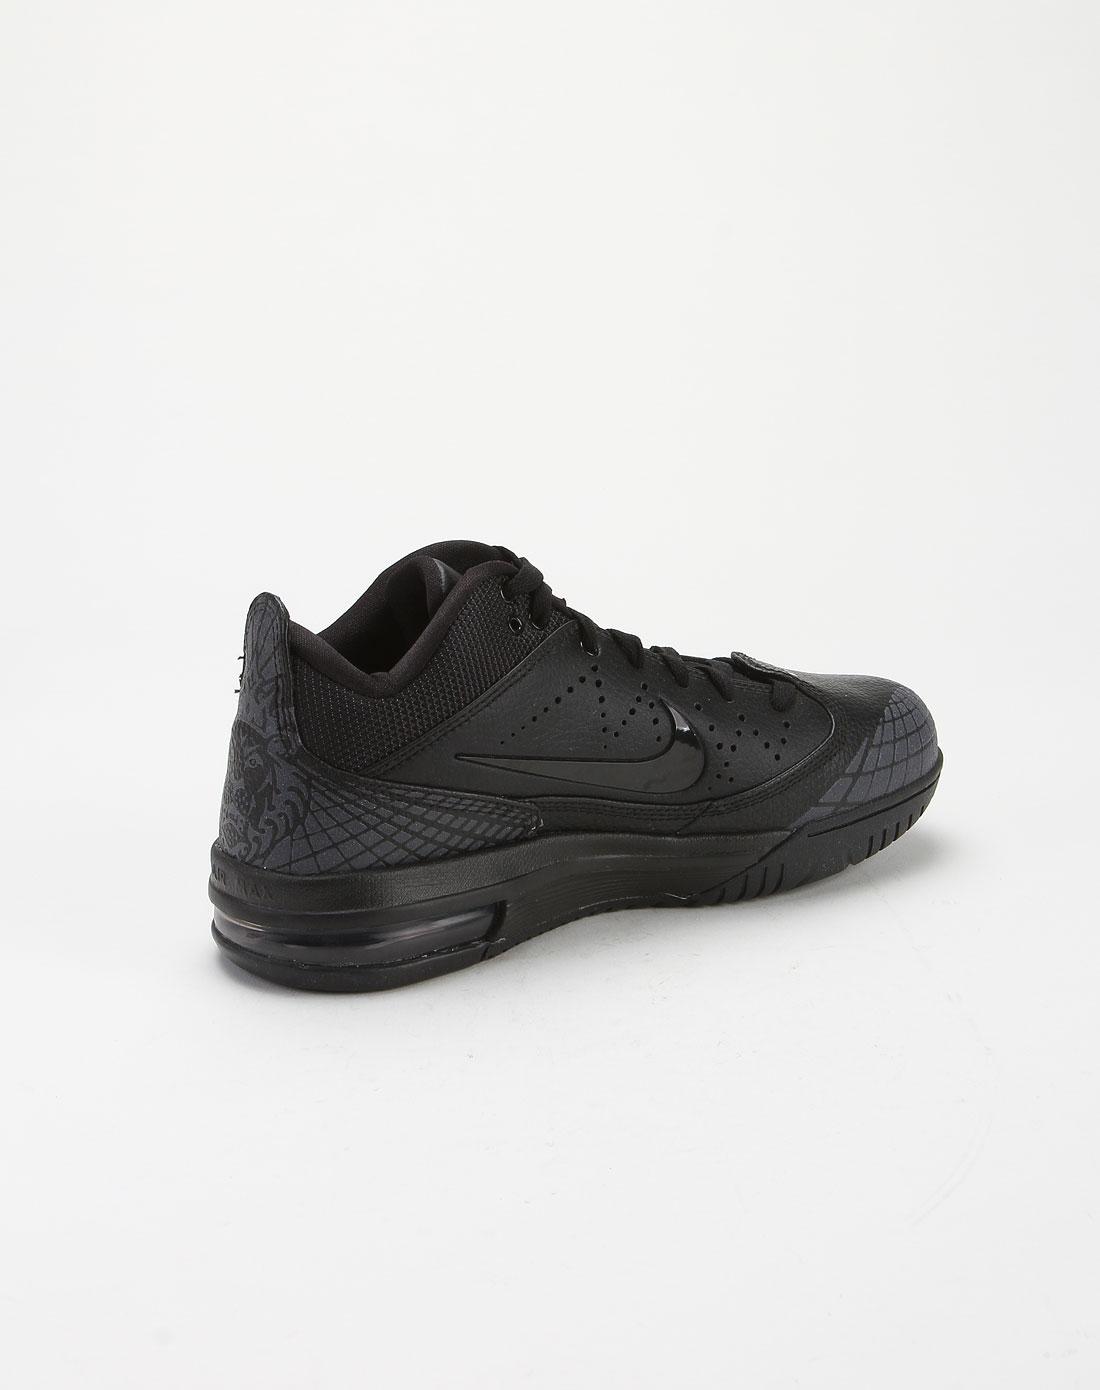 耐克Nike/男款黑色酷感经典款时尚篮球鞋456815/001_唯品会